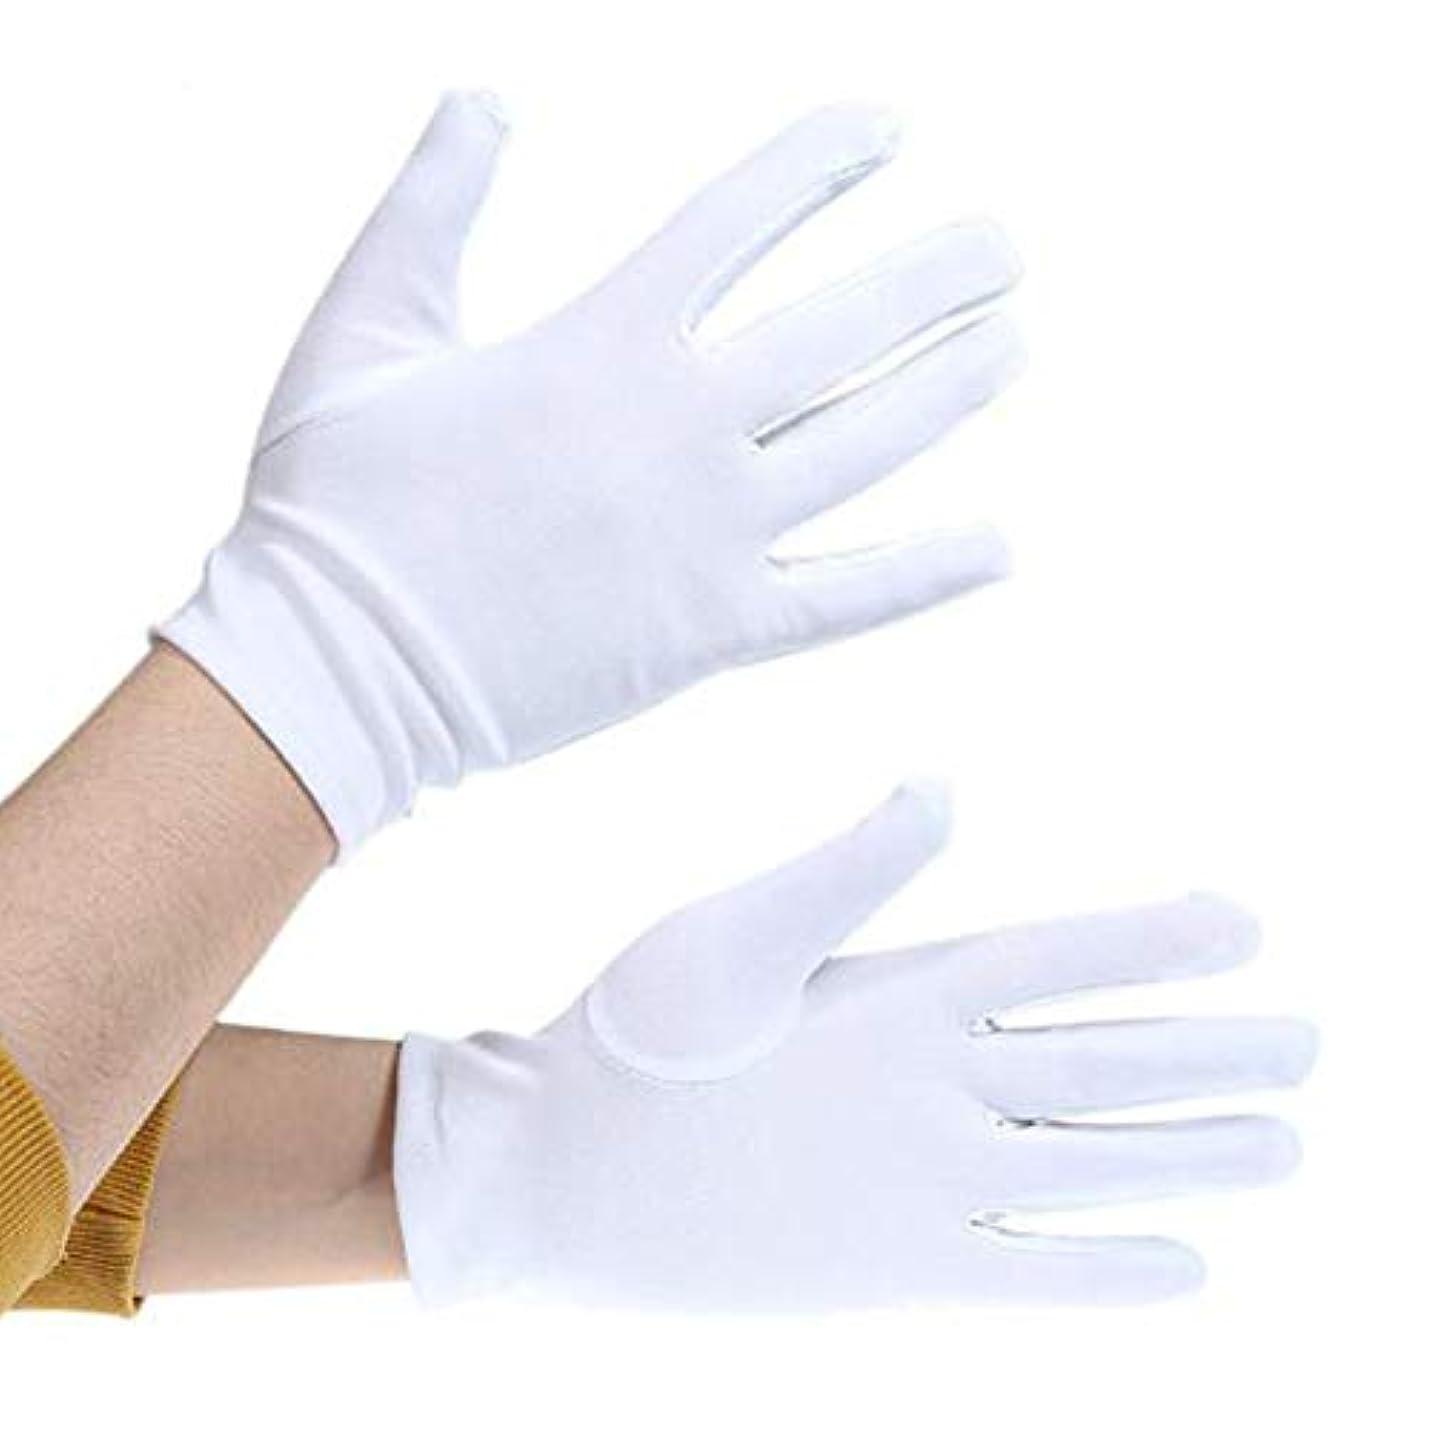 丘作り上げるシングル白手袋薄 礼装用 ジュエリーグローブ時計 貴金属 宝石 接客用 品質管理用 作業用手ぶくろ,保護着用者